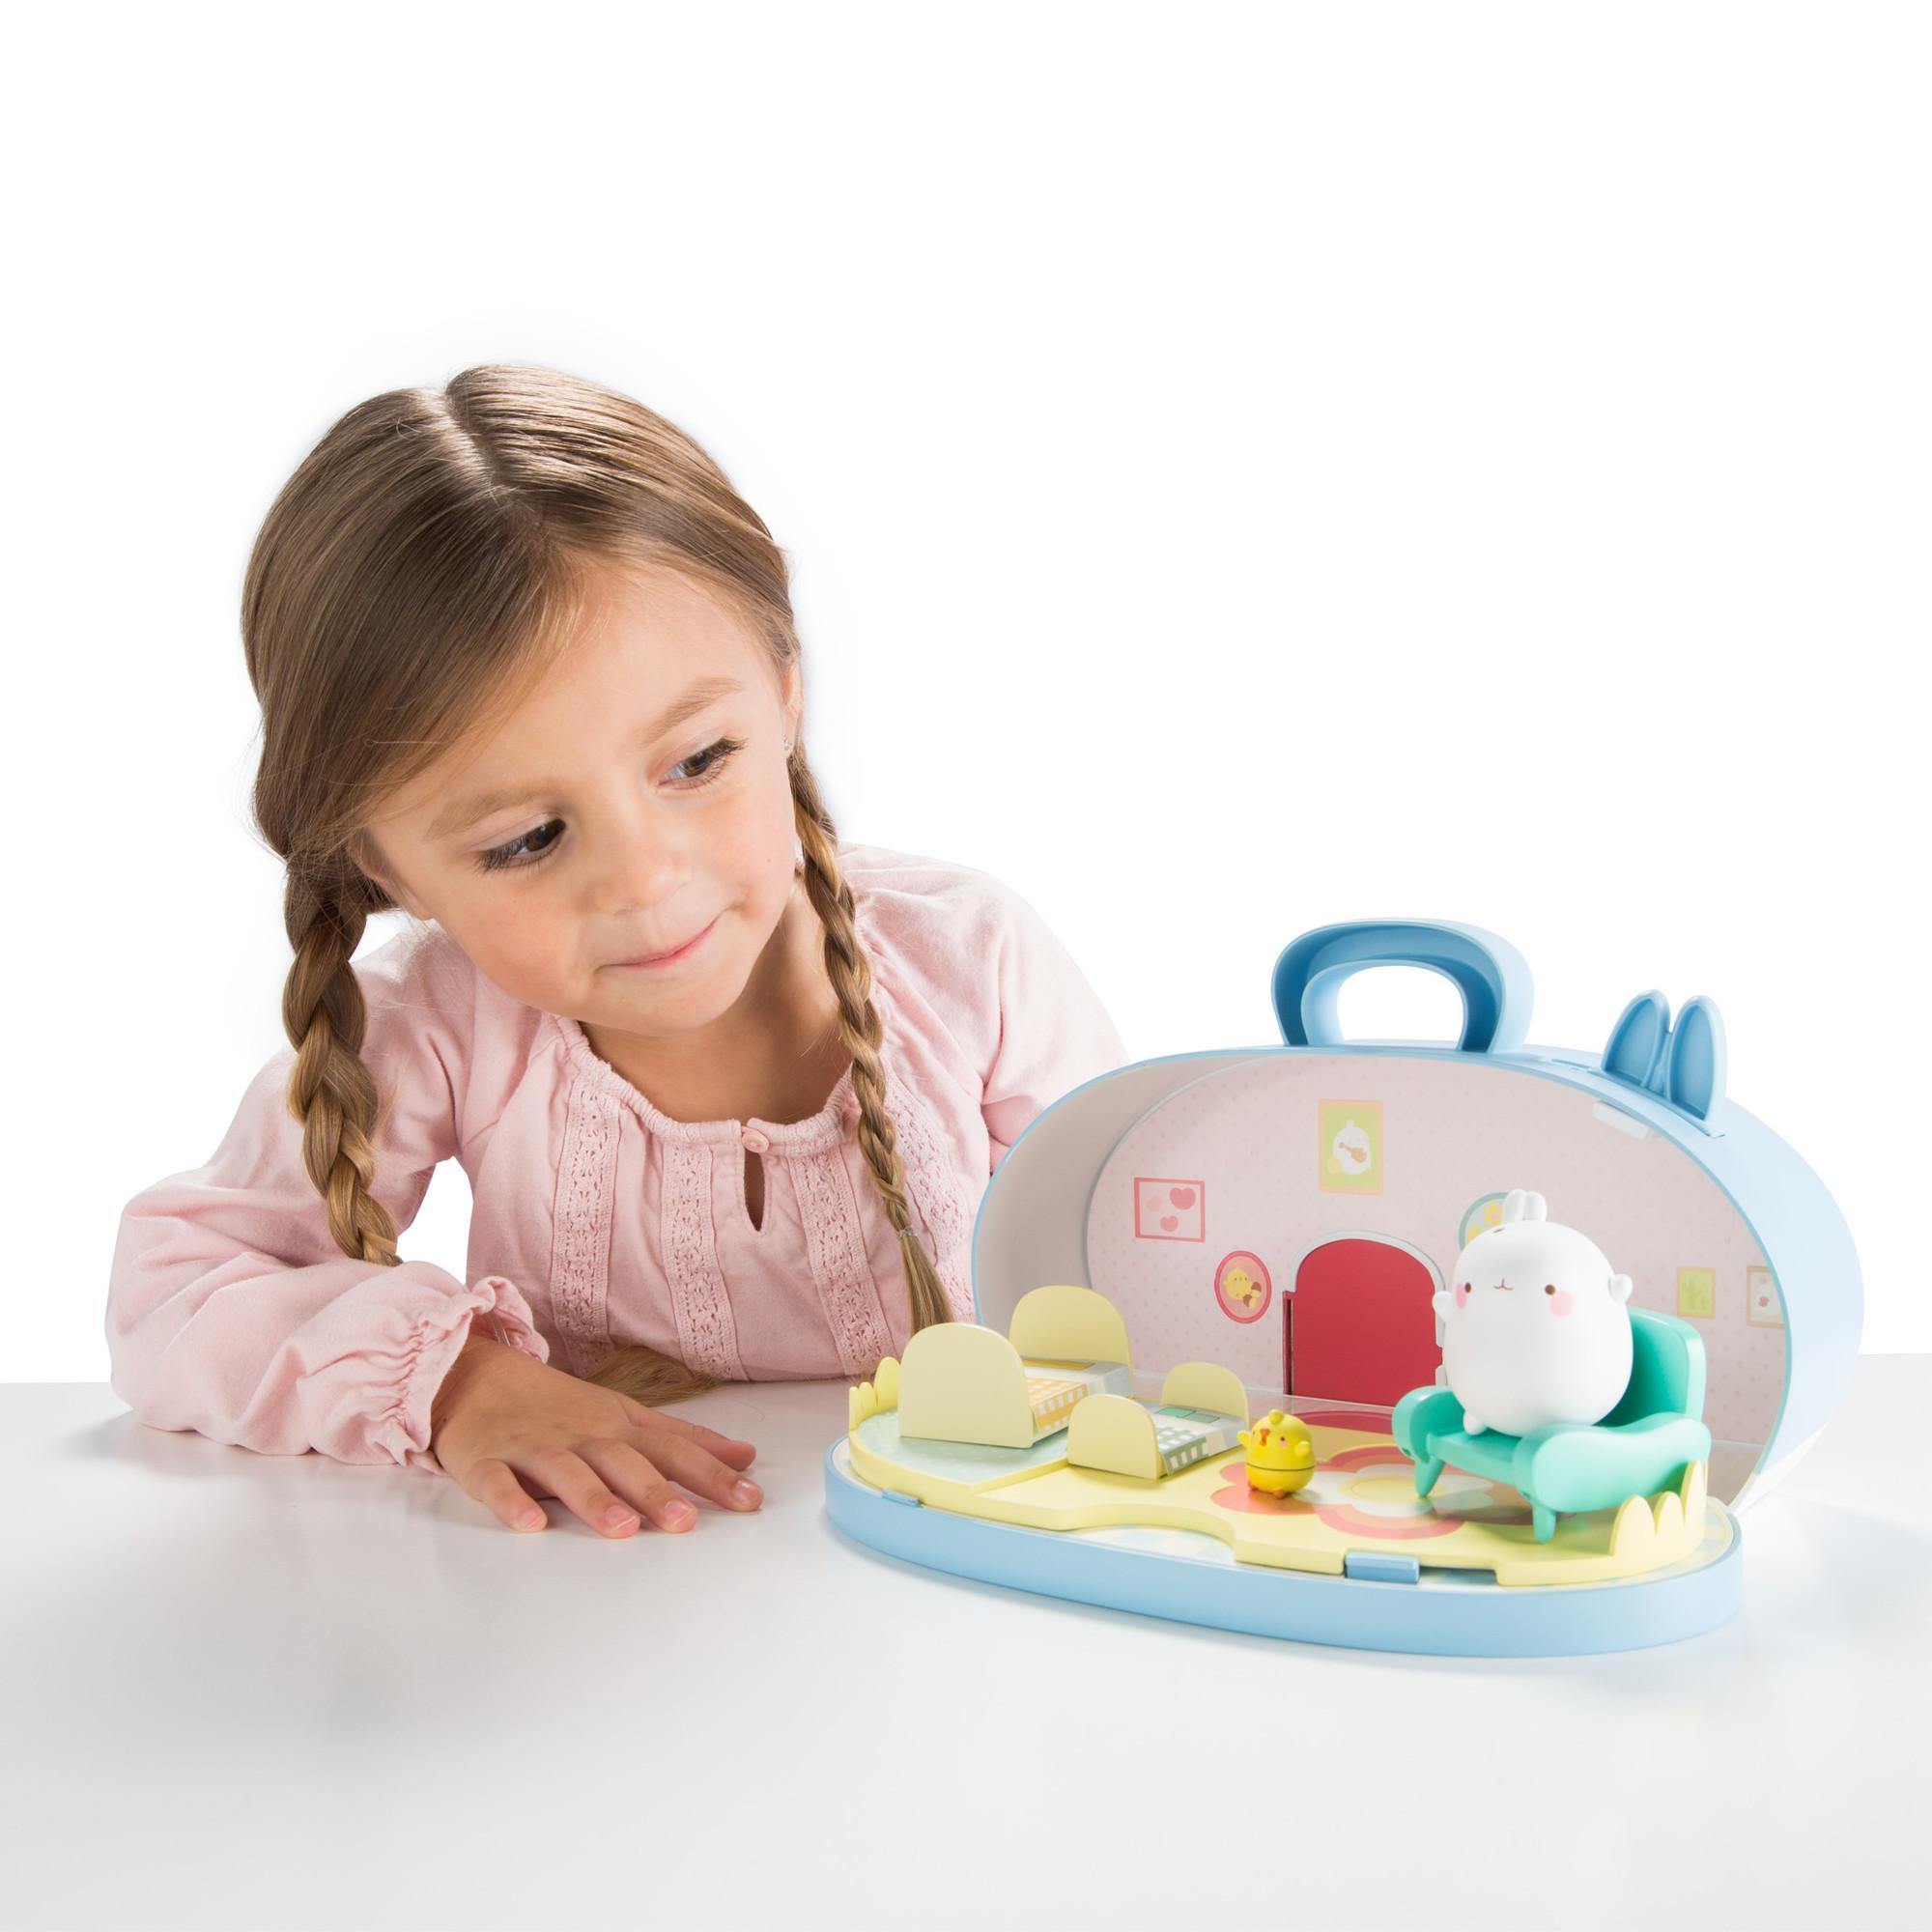 Molang L66032 Tomy Spielset Puppenhaus | Ideal ALS Geschenk für ...